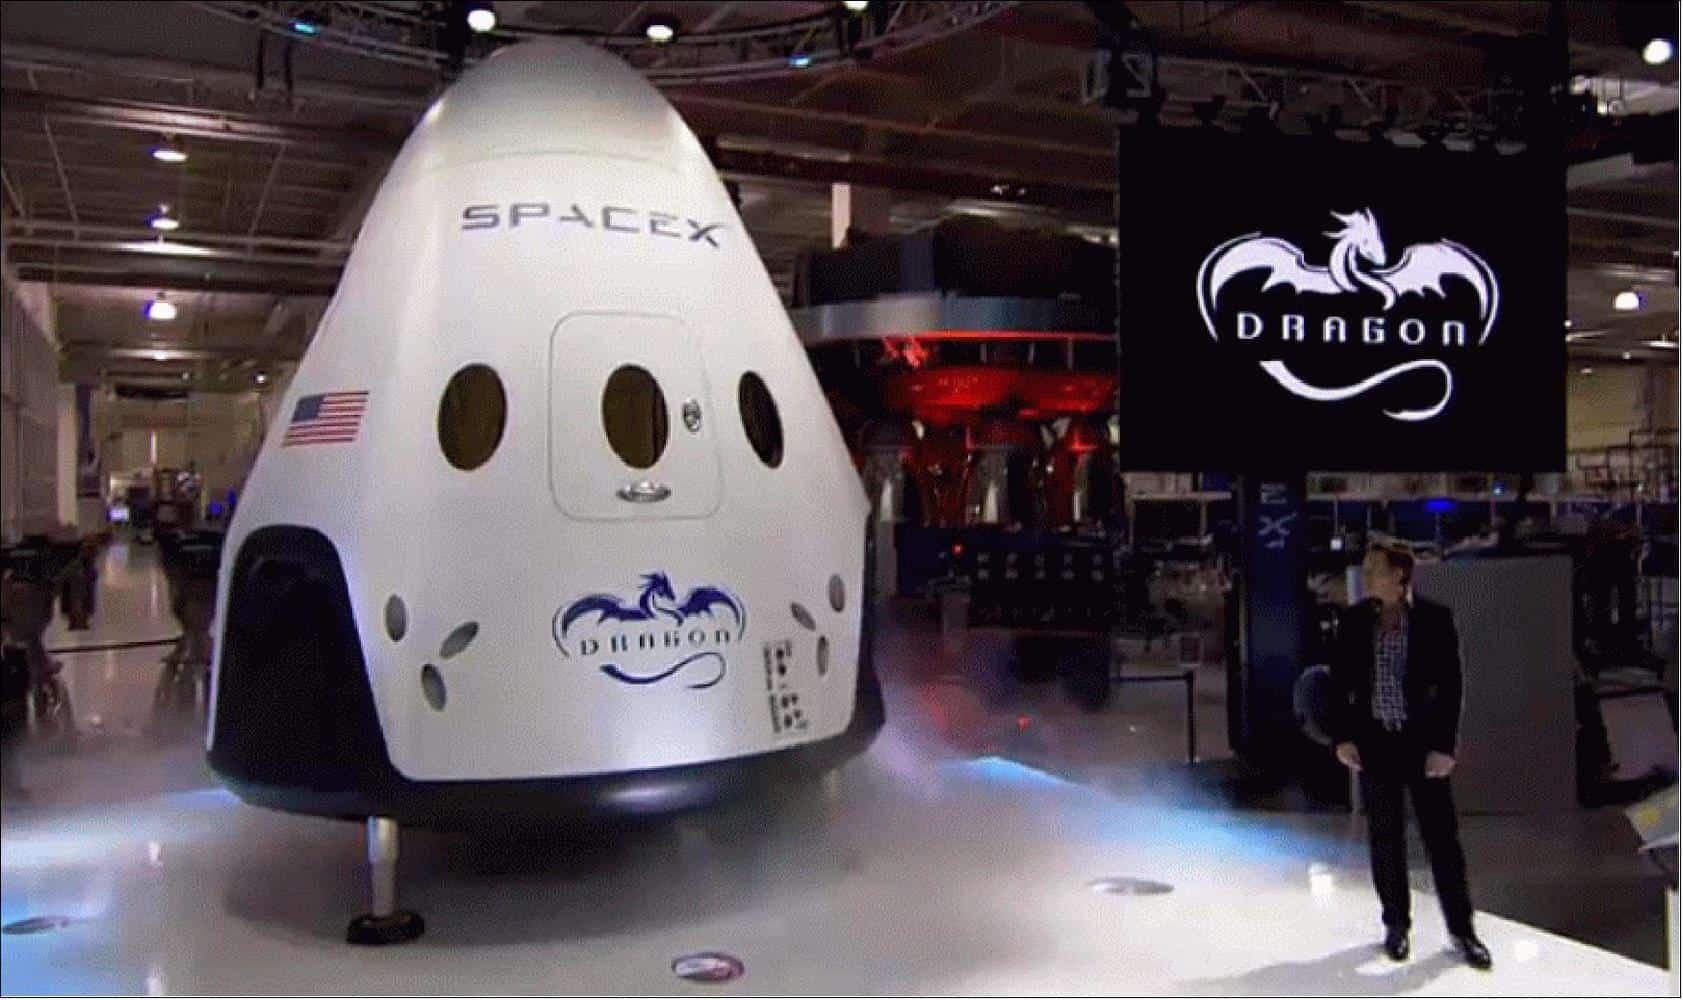 Crew Dragon capsule